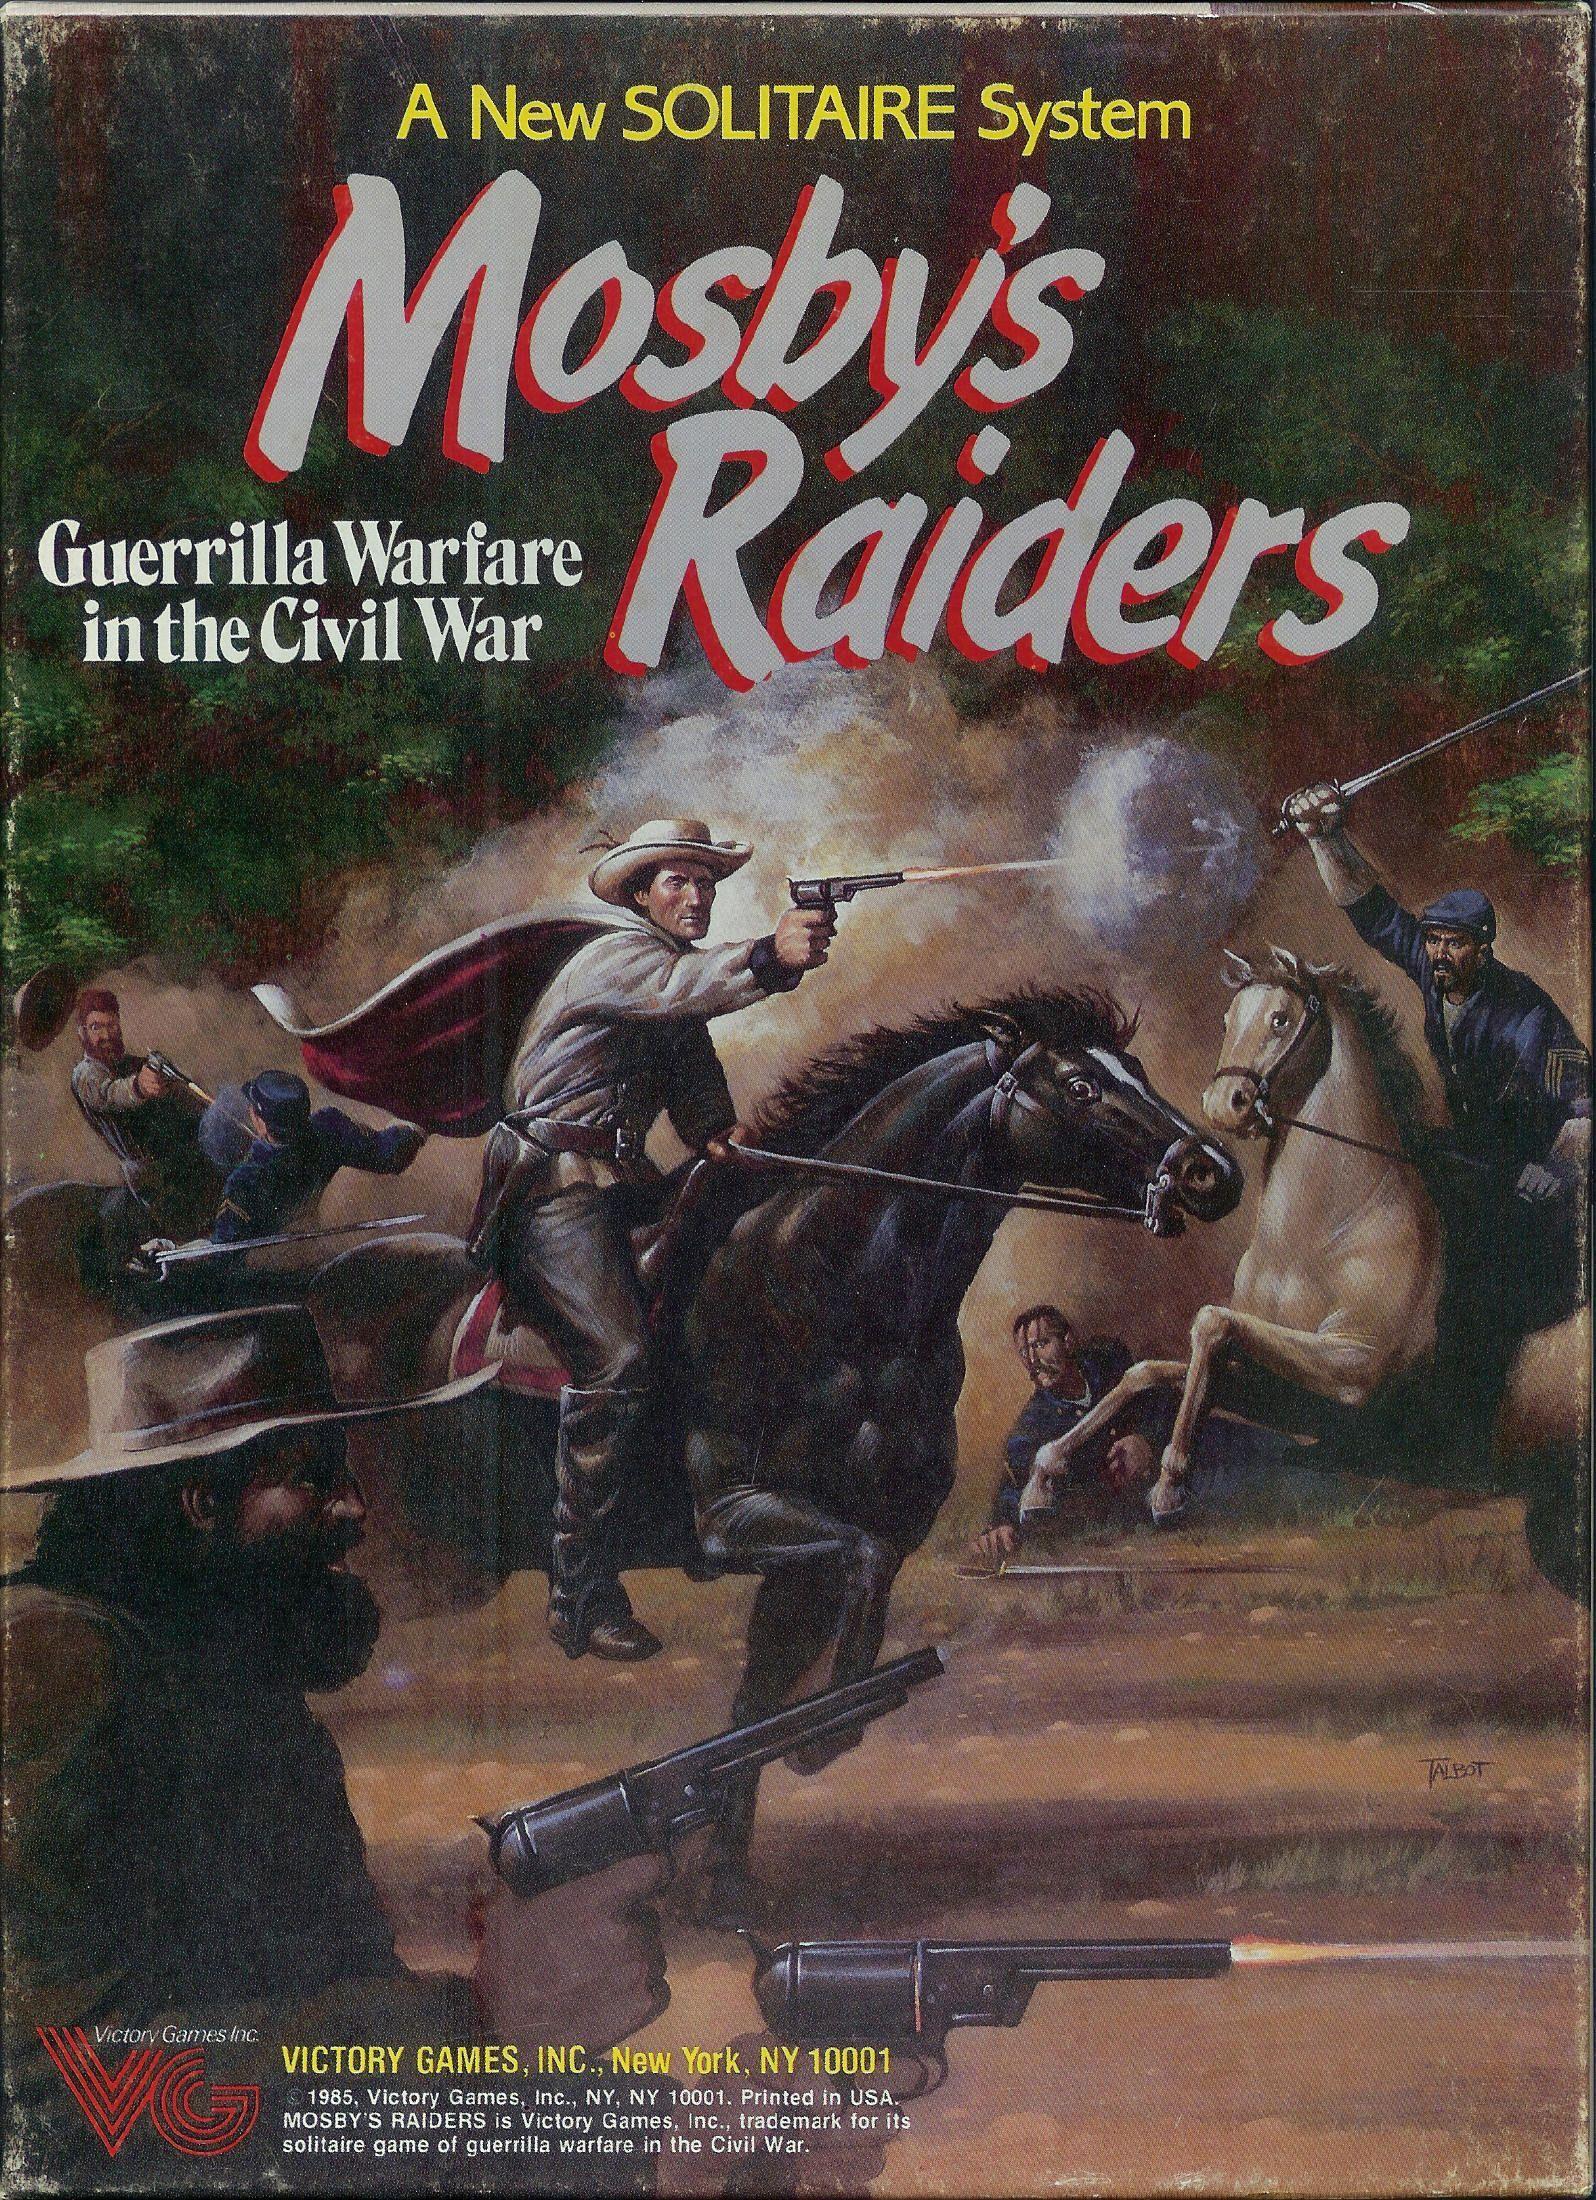 Mosby's Raiders: Guerilla Warfare in the Civil War